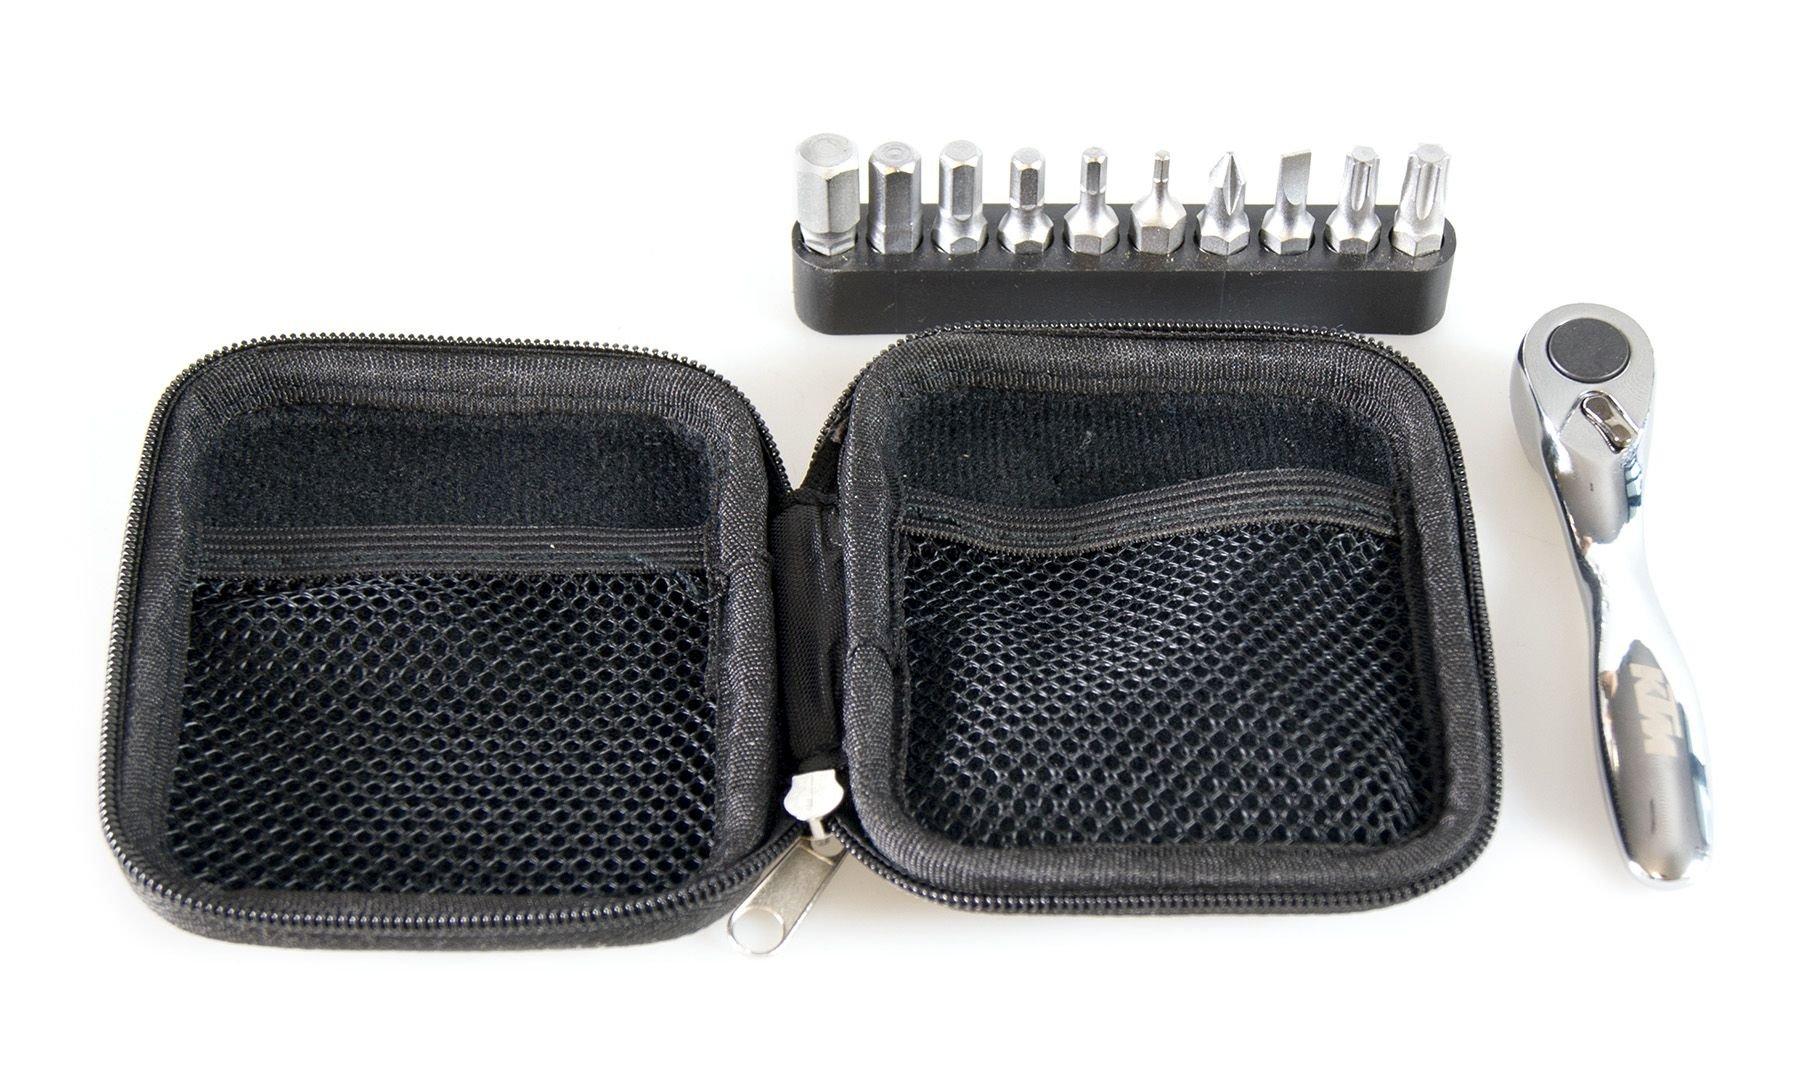 KTM Werkzeug Bit Set mit Tasche